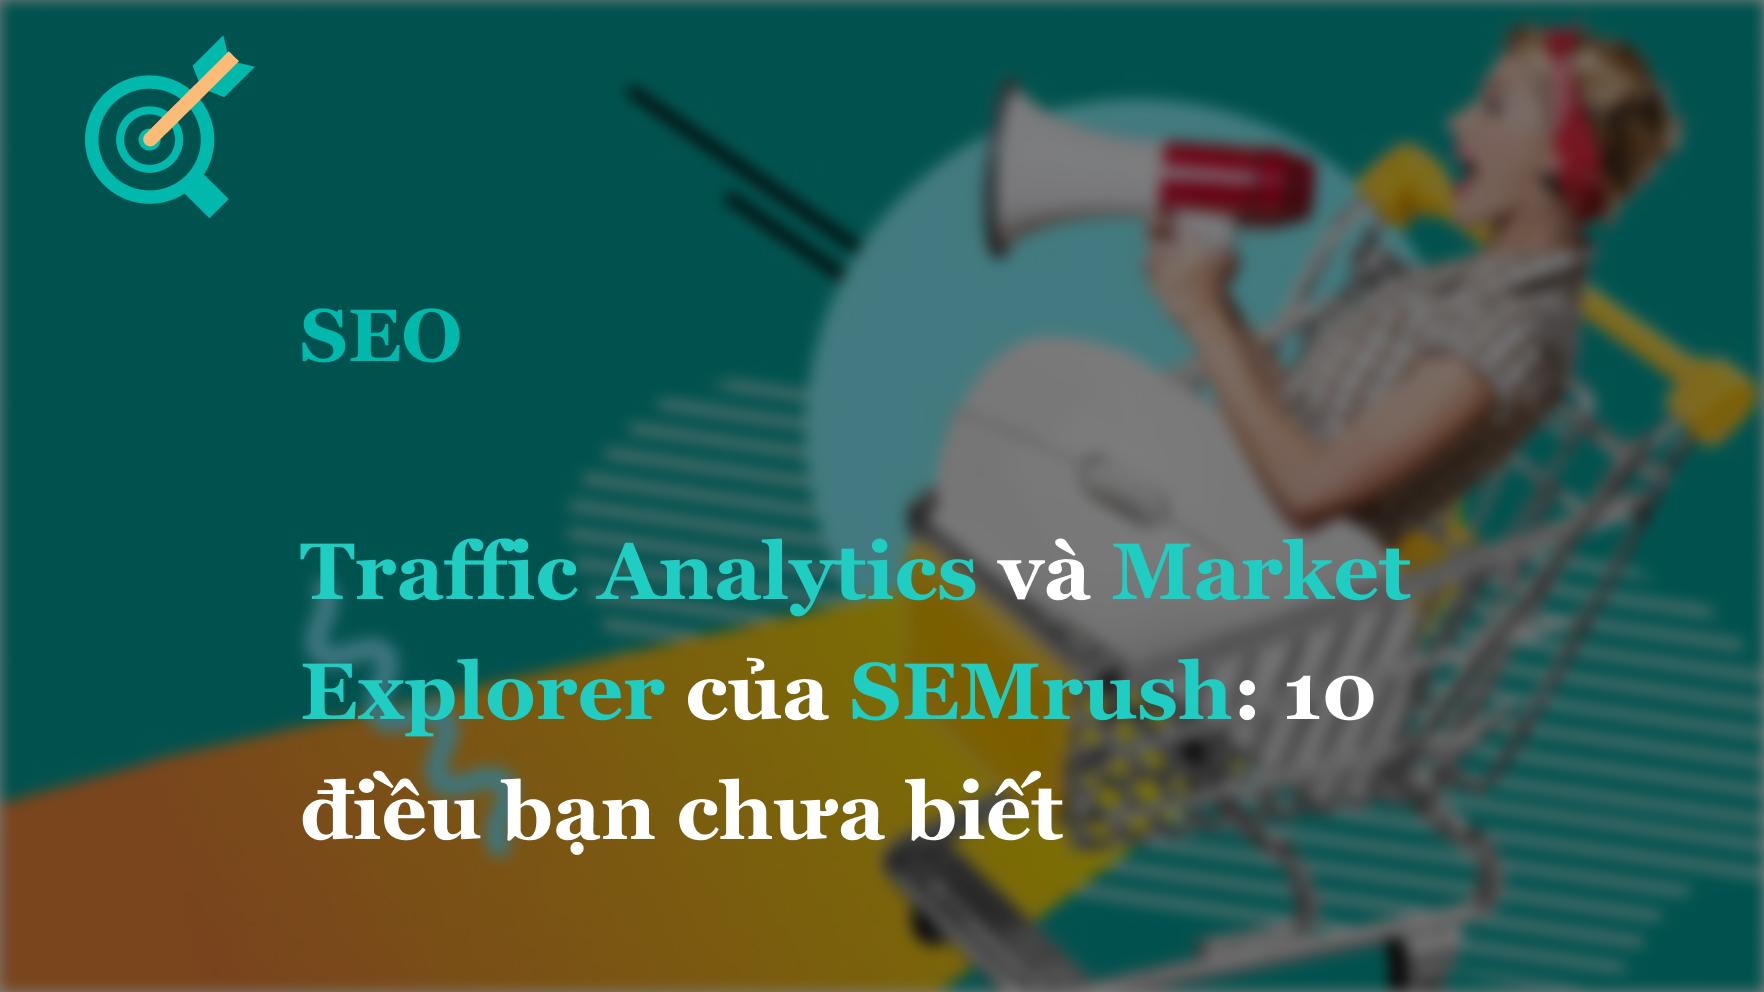 Traffic Analytics và Market Explorer của SEMrush: 10 điều bạn chưa biết